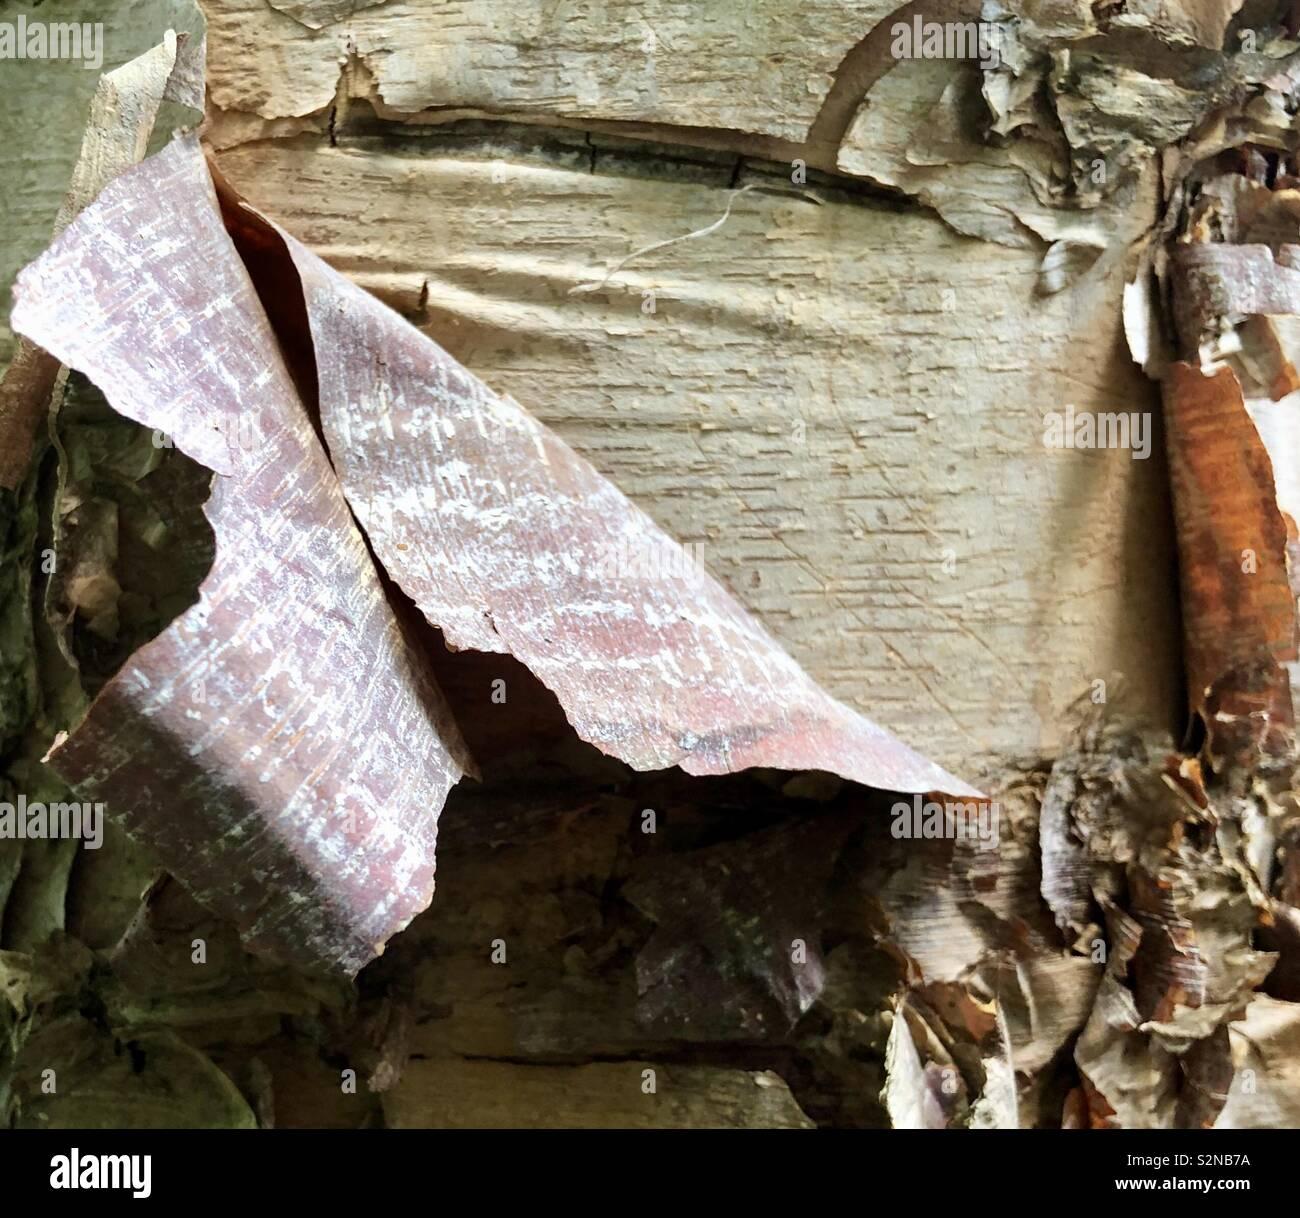 River Birchbark detail - Stock Image